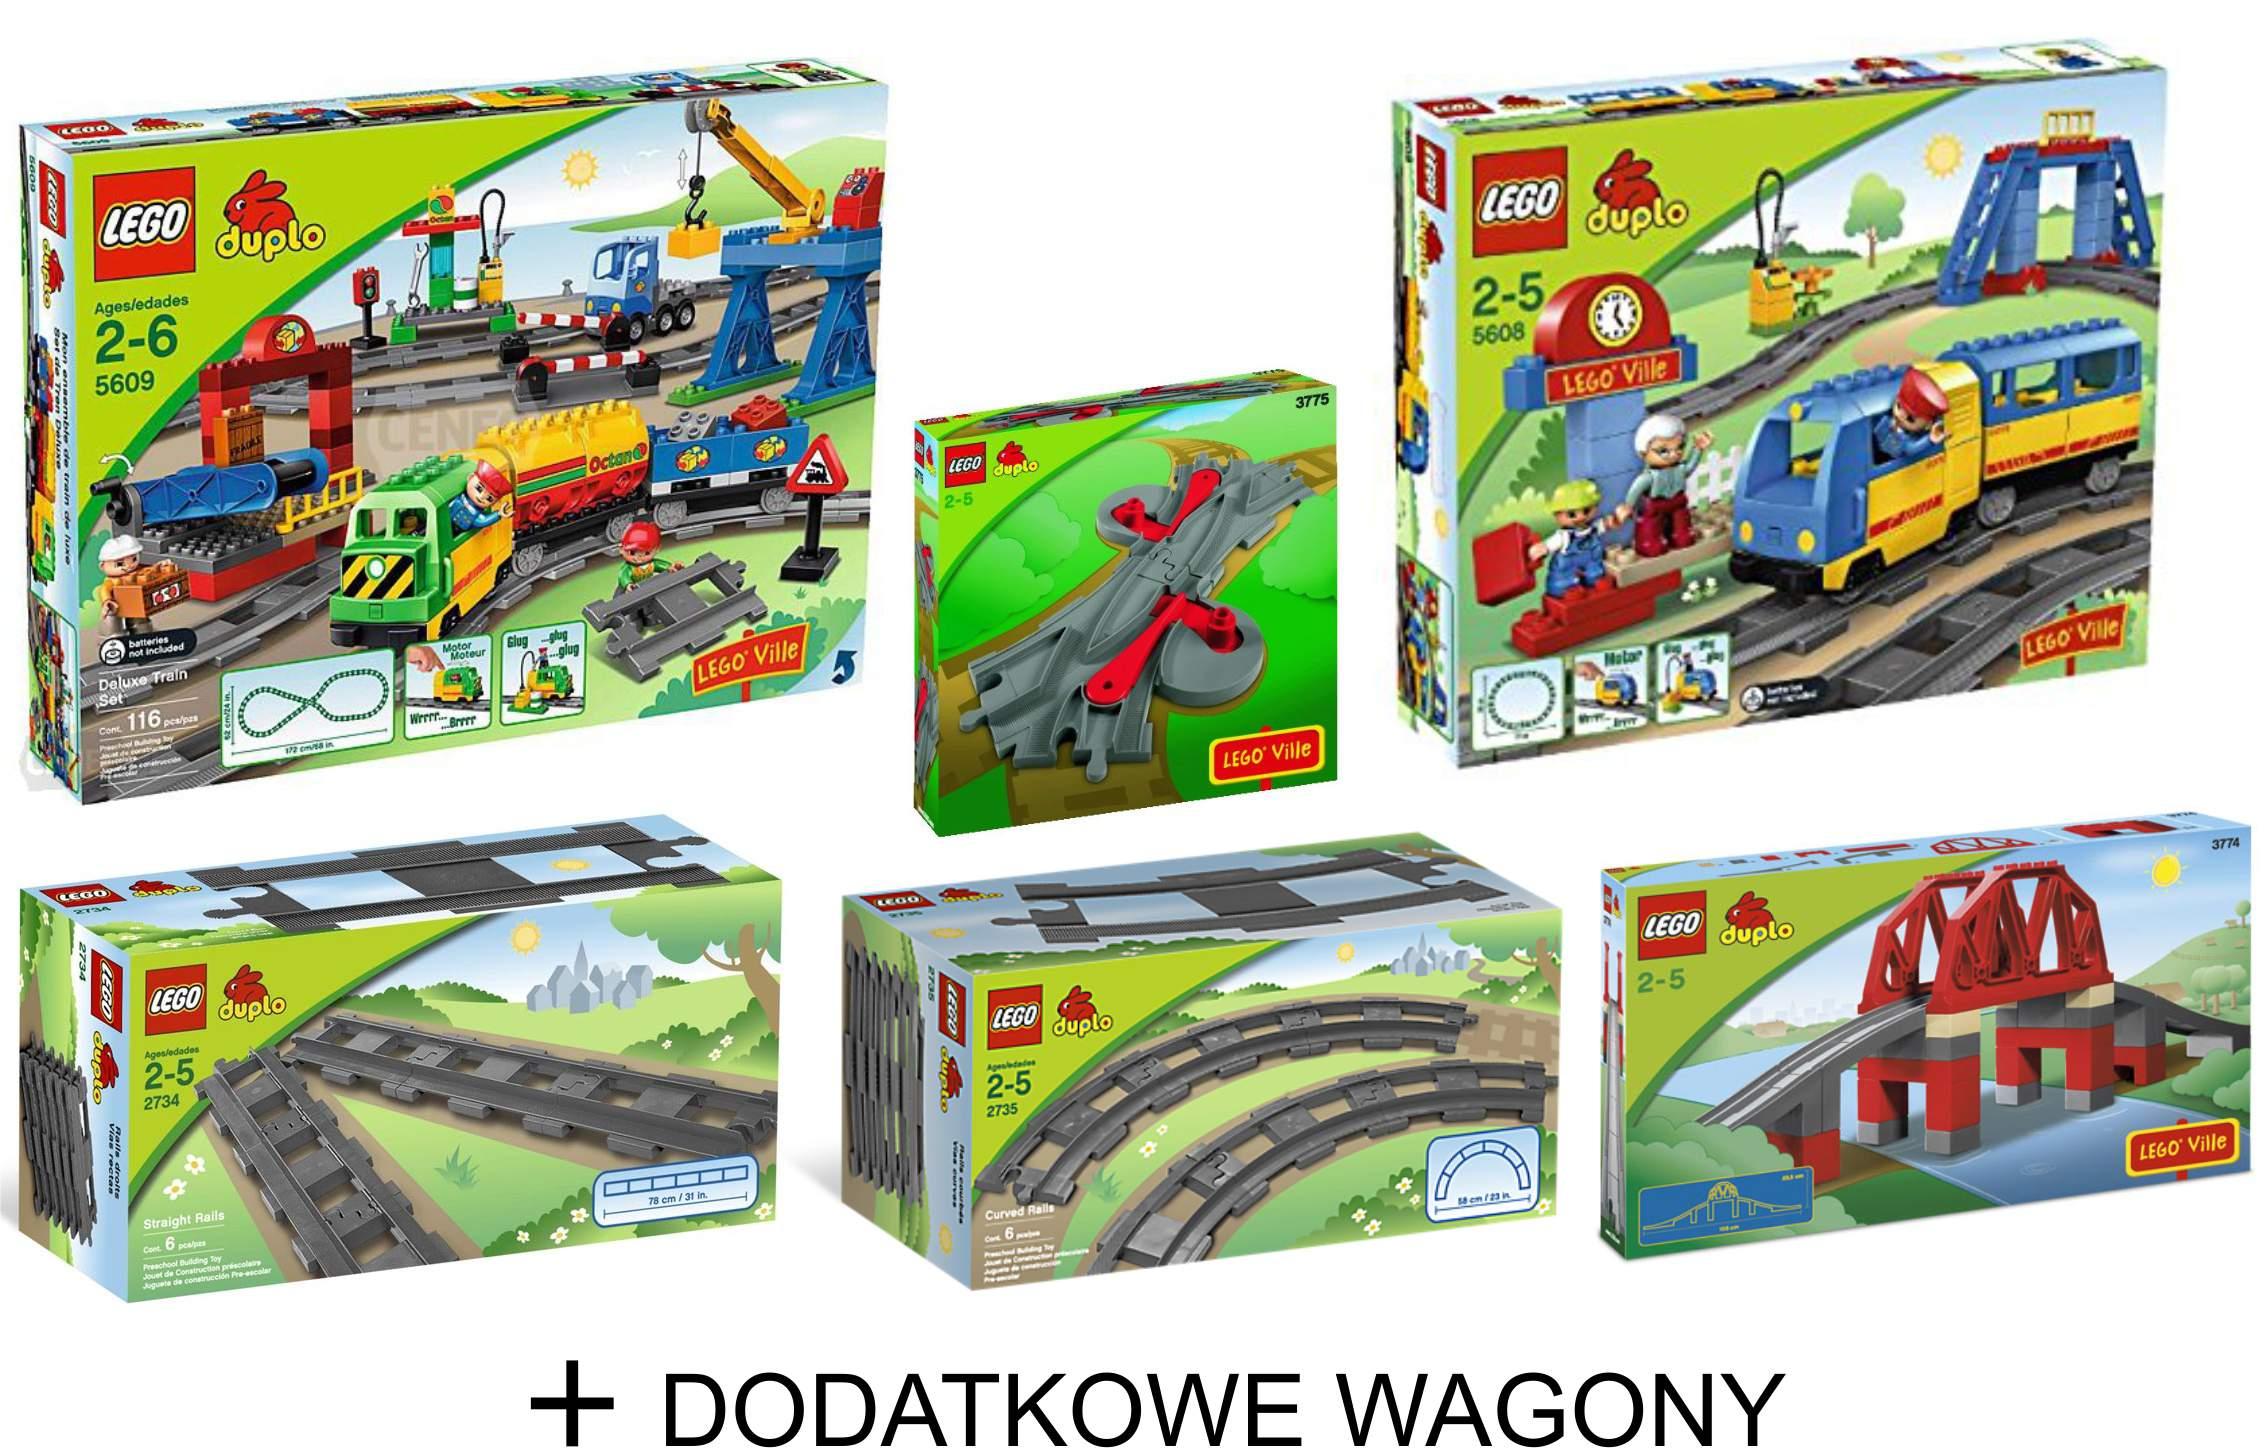 Lego Duplo Wielki Zestaw Pociągi Most Tory 7012625418